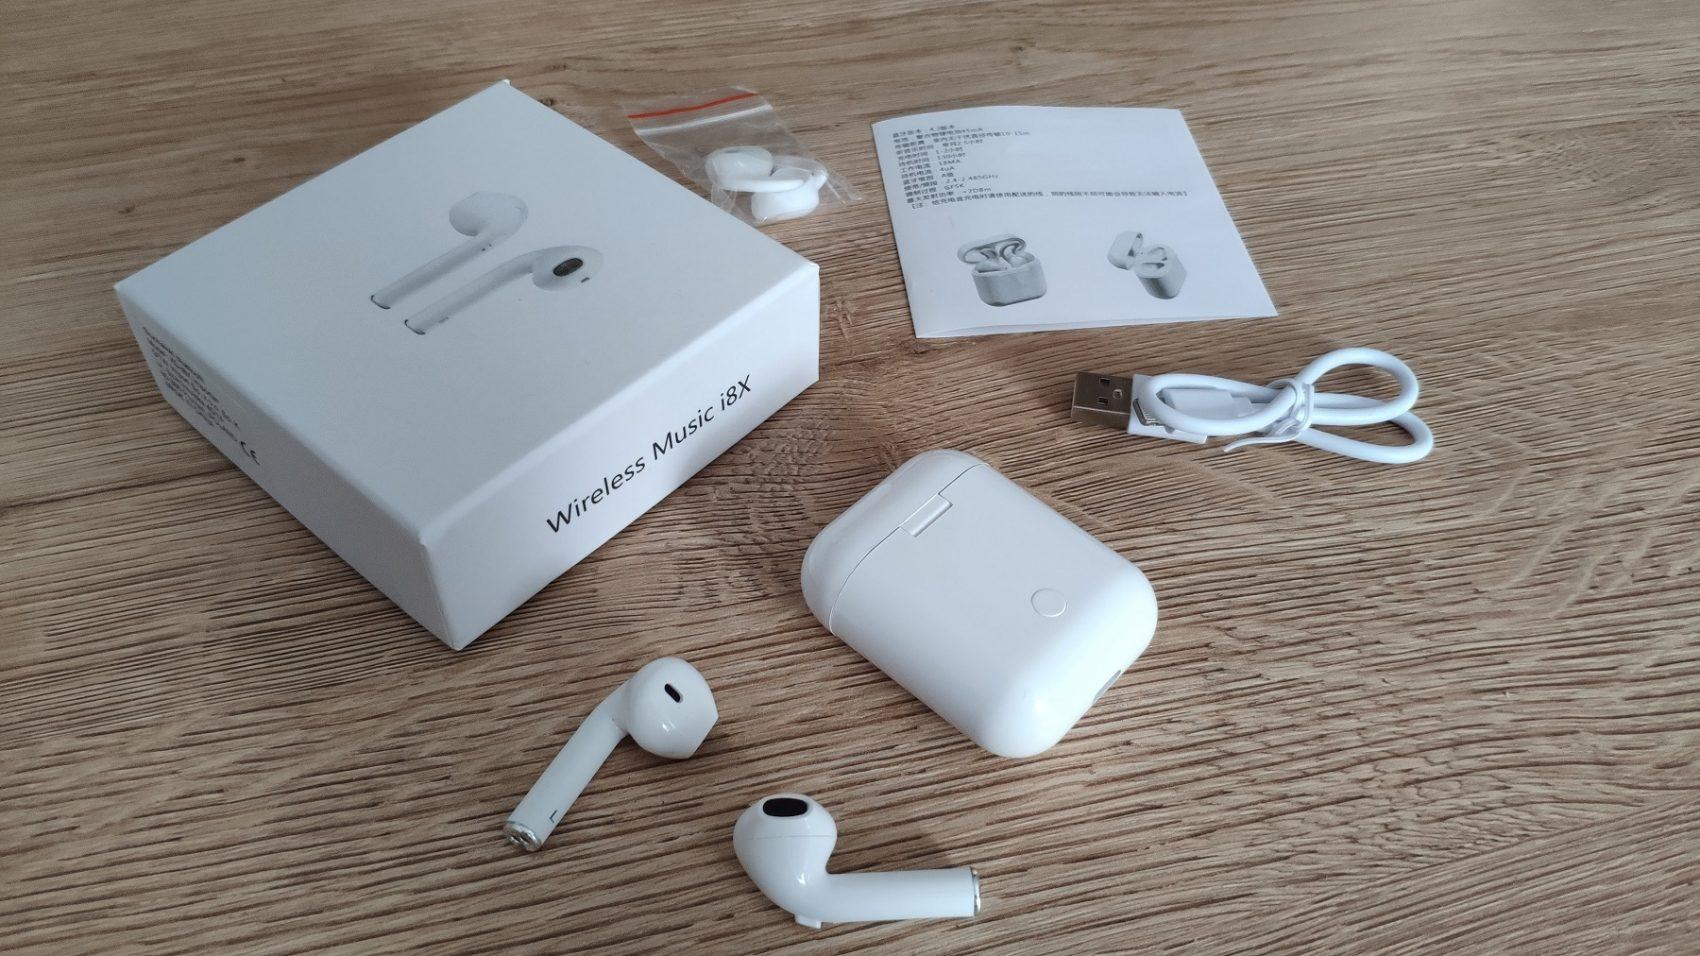 Okiem Geeka #15: Wireless Music I8X